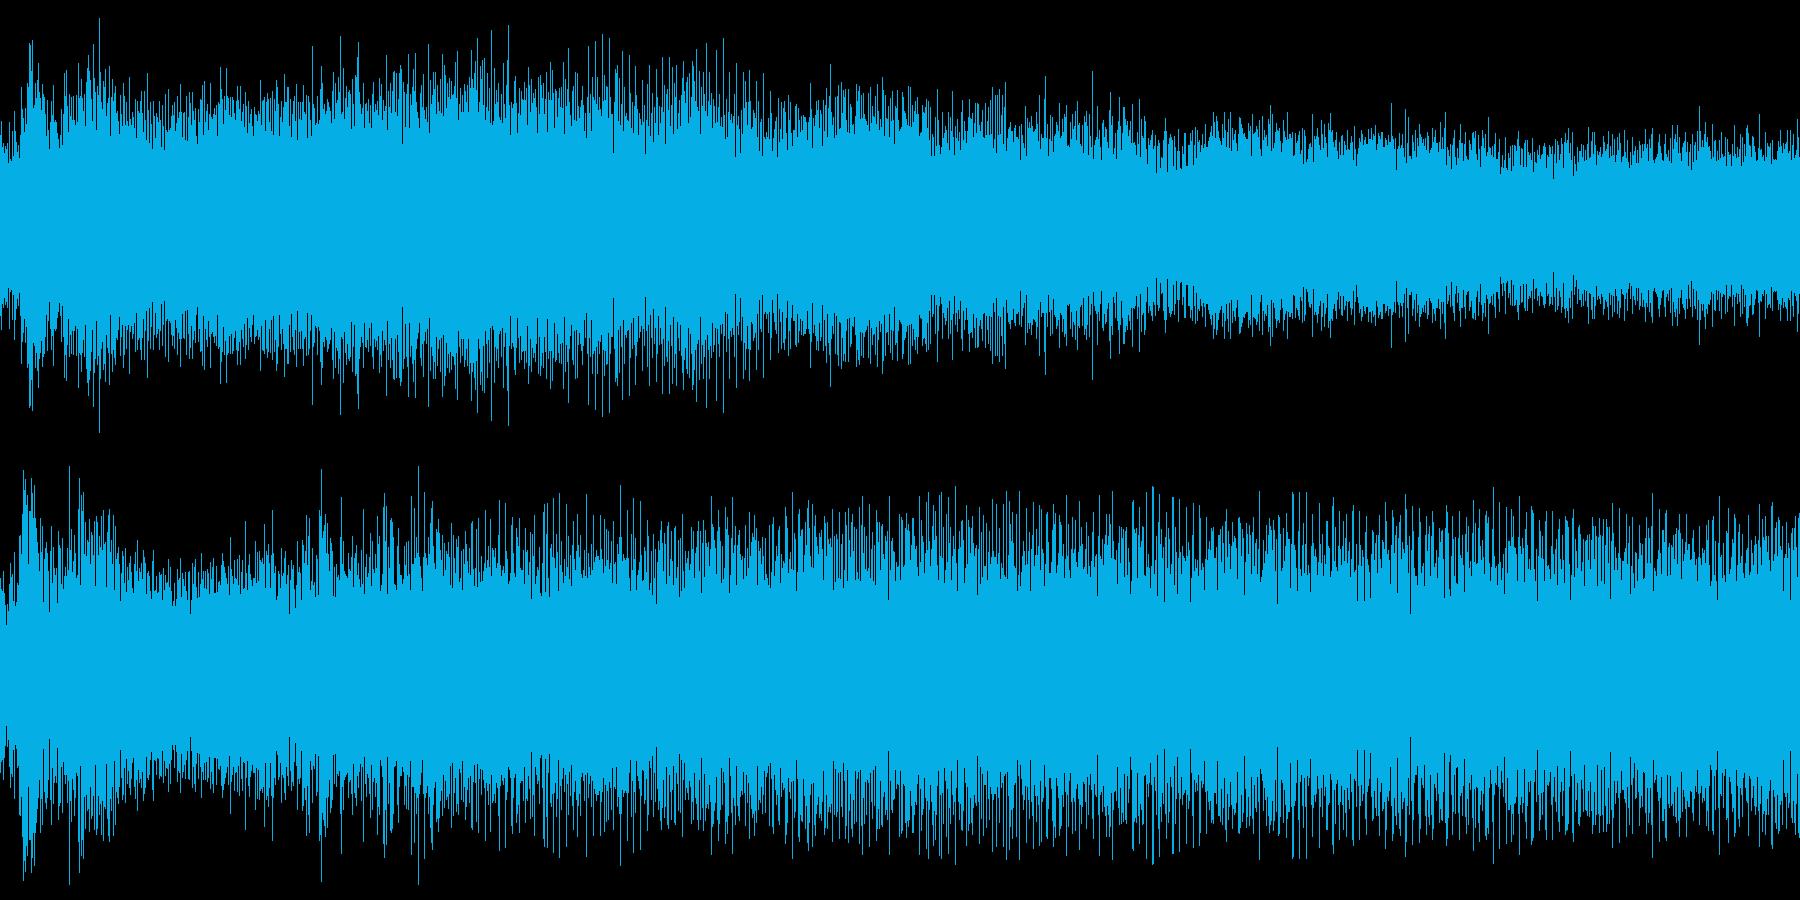 小型ボートのエンジン始動音の再生済みの波形